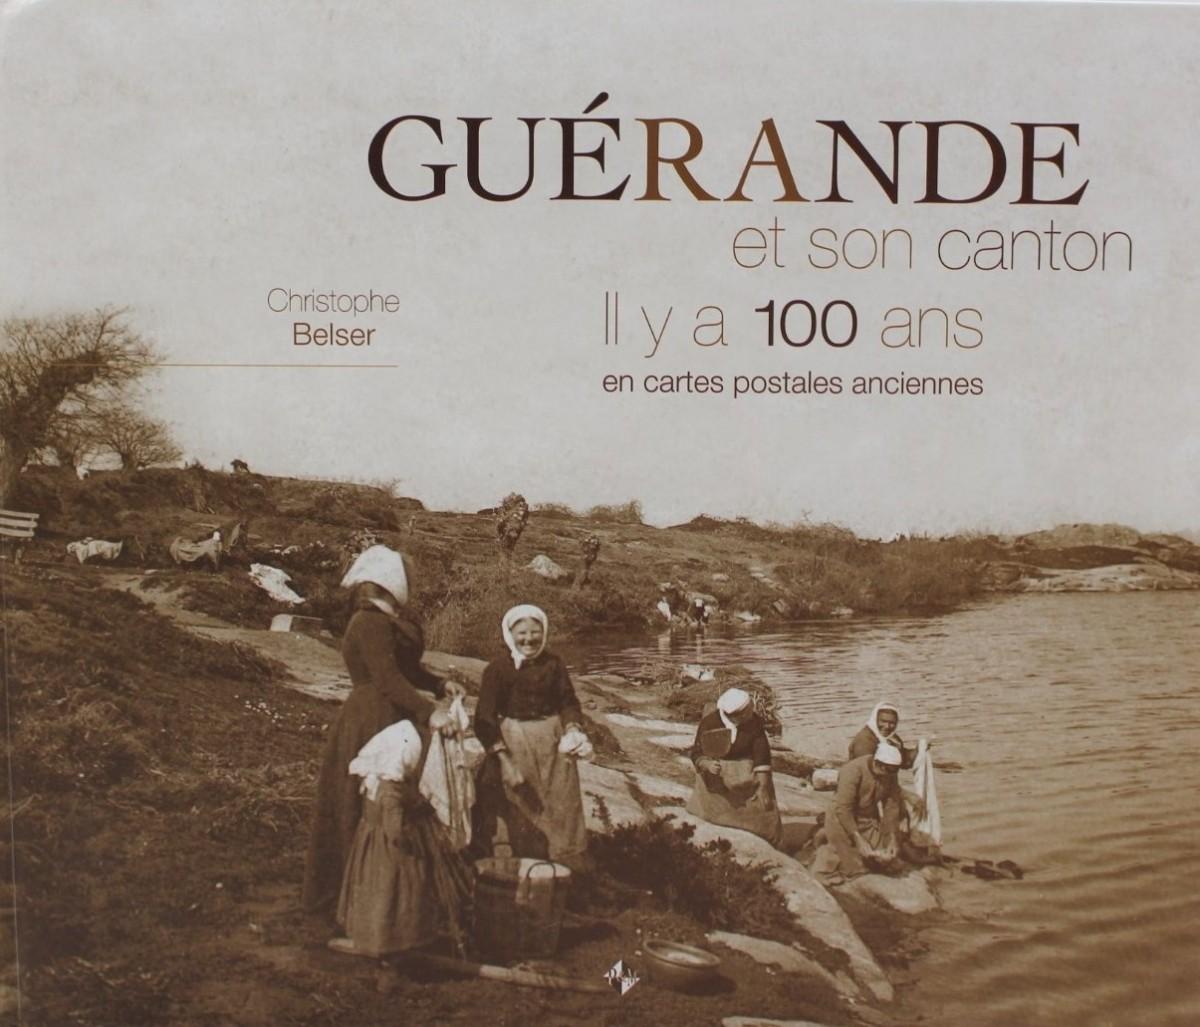 Boutique en ligne - Guérande et son canton il y a 100 ans - Office de tourisme La Baule Presqu'île de Guérande